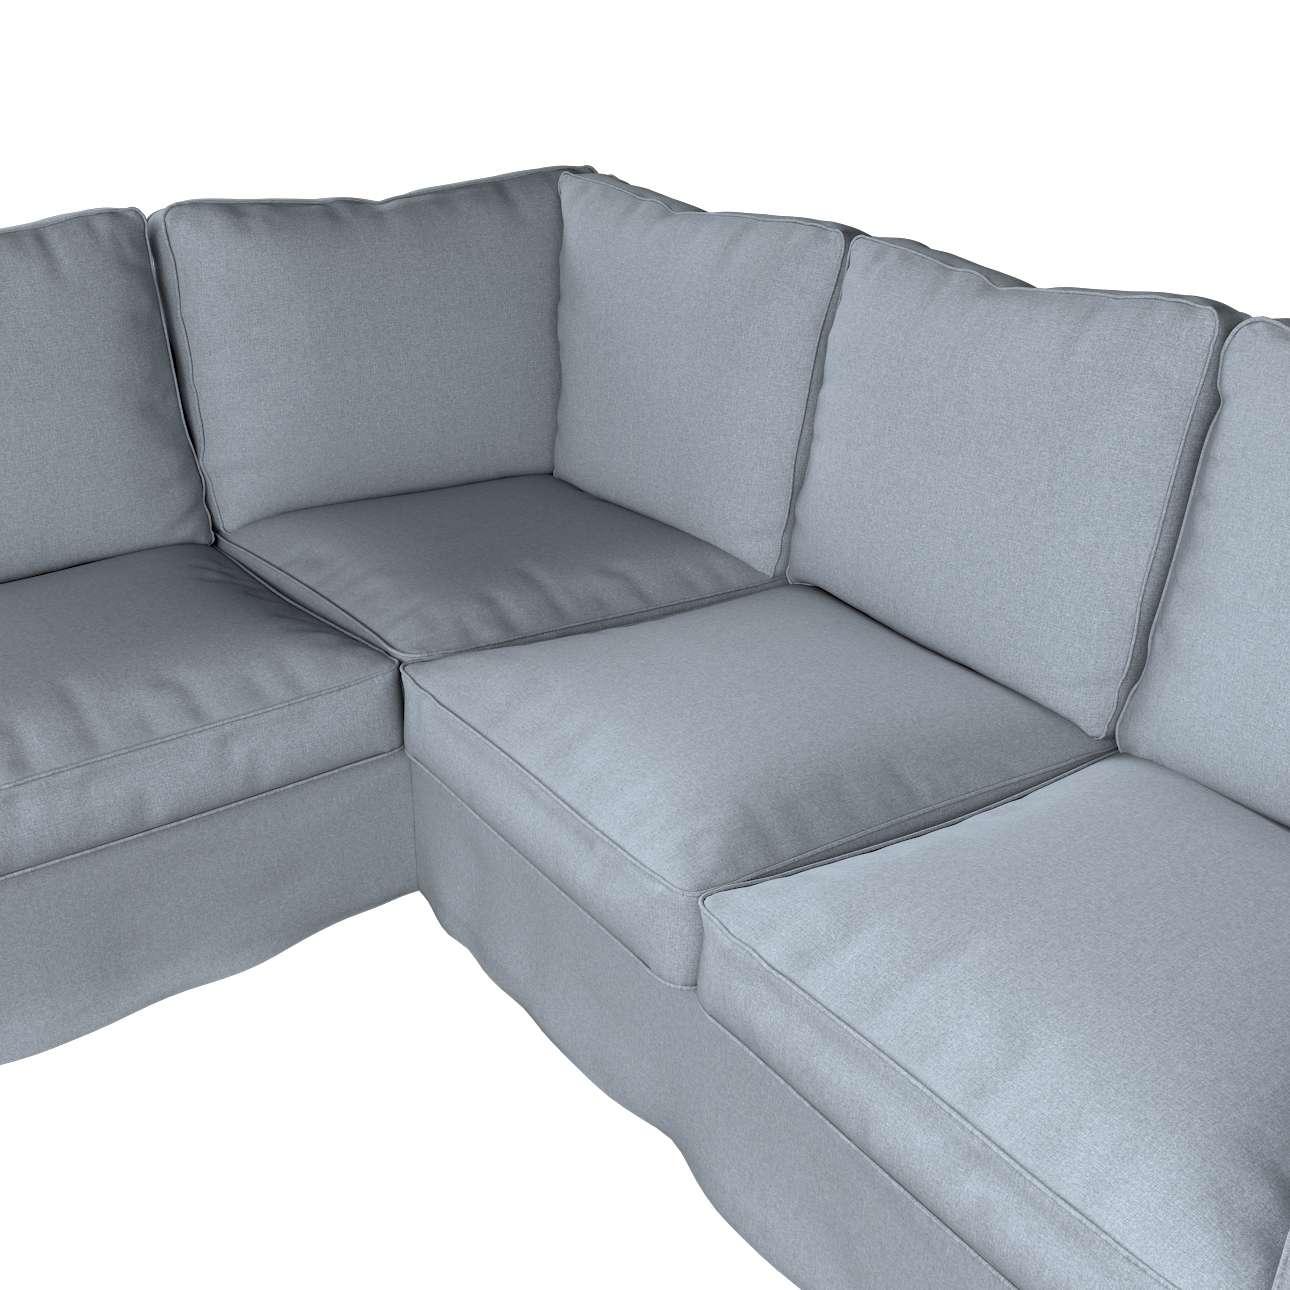 Pokrowiec na sofę narożną Ektorp w kolekcji Amsterdam, tkanina: 704-46